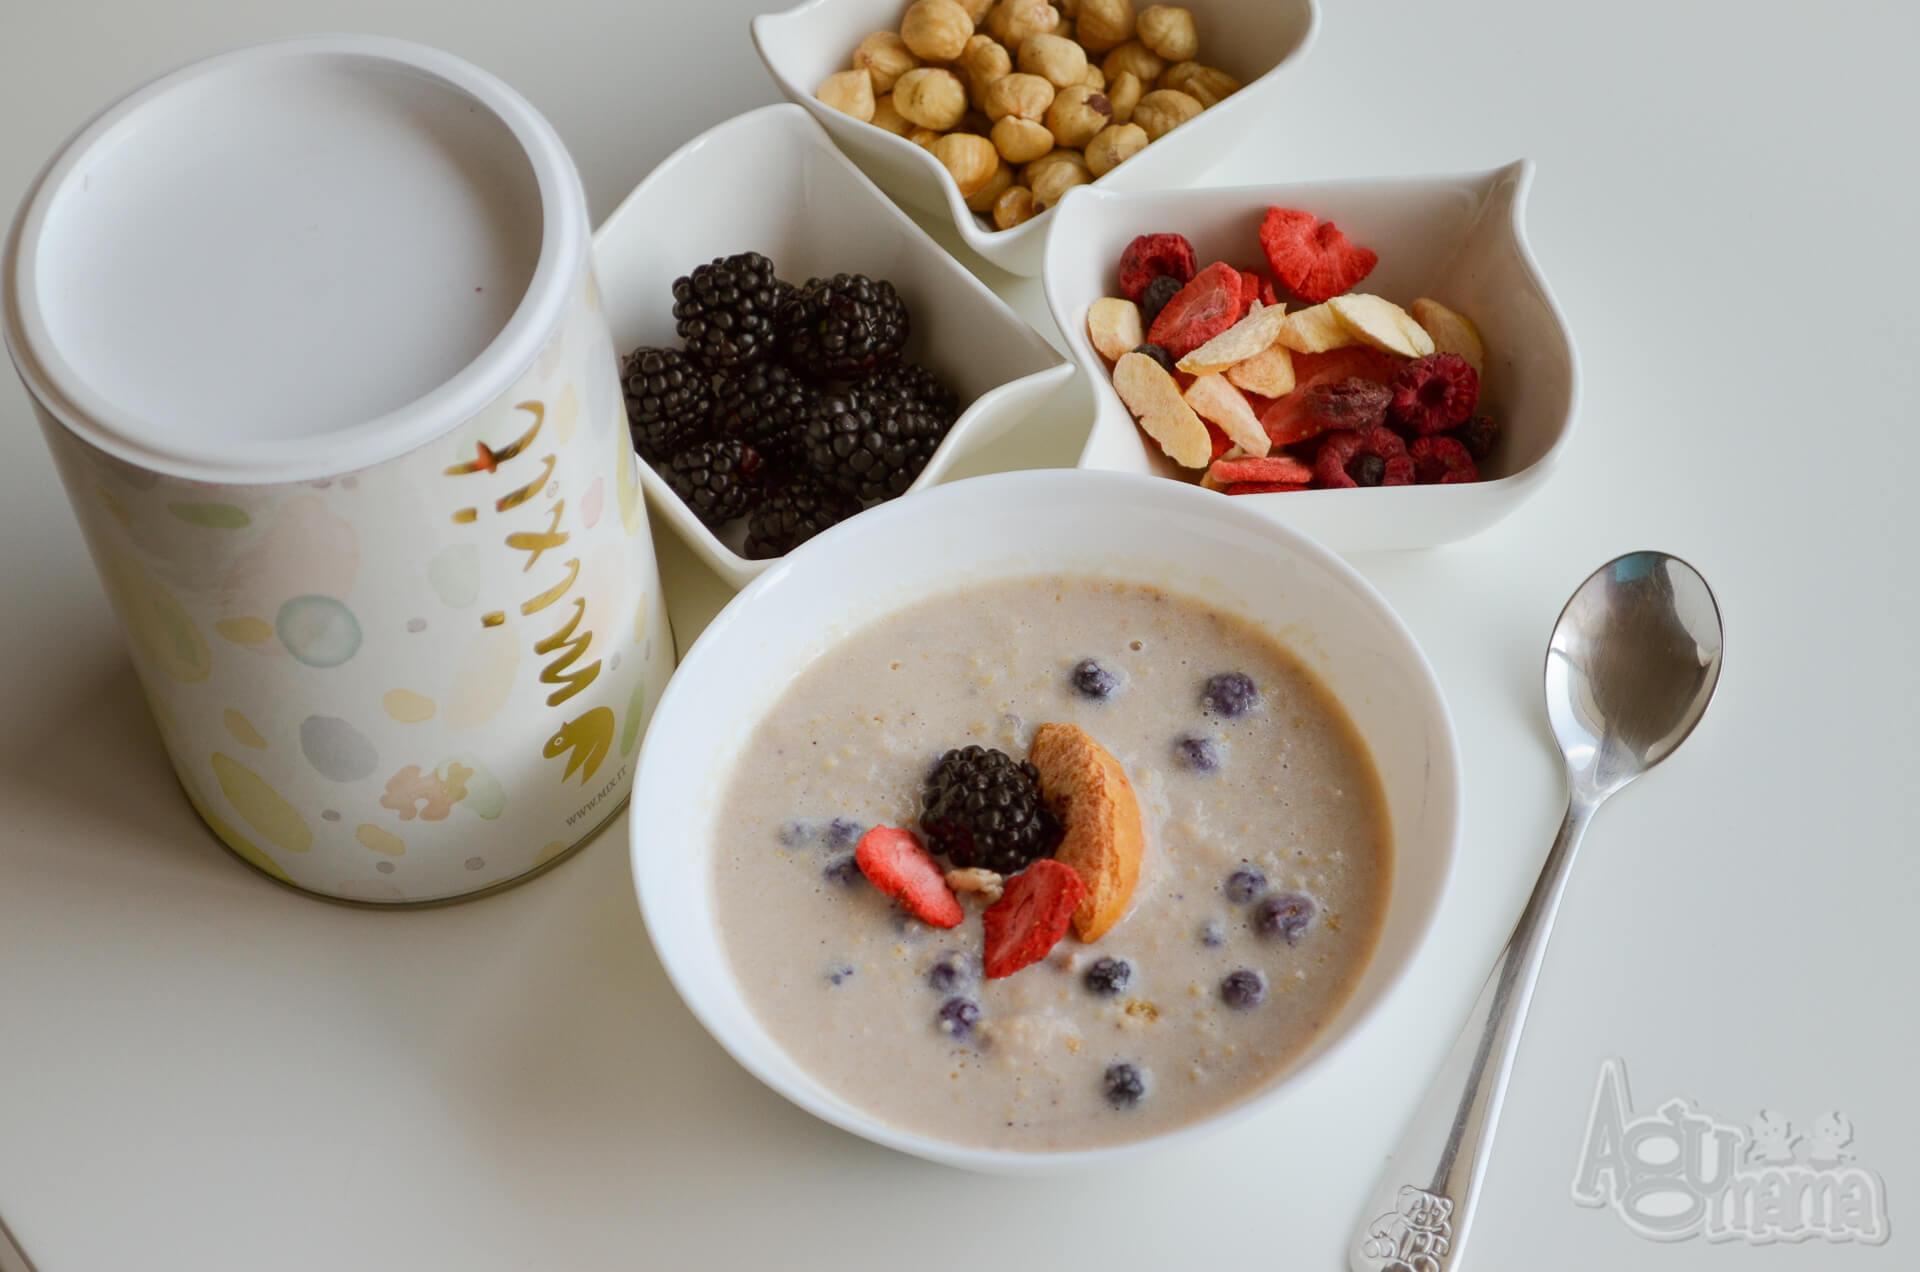 zdrowe śniadanie kasztanówka z jagodami mixit